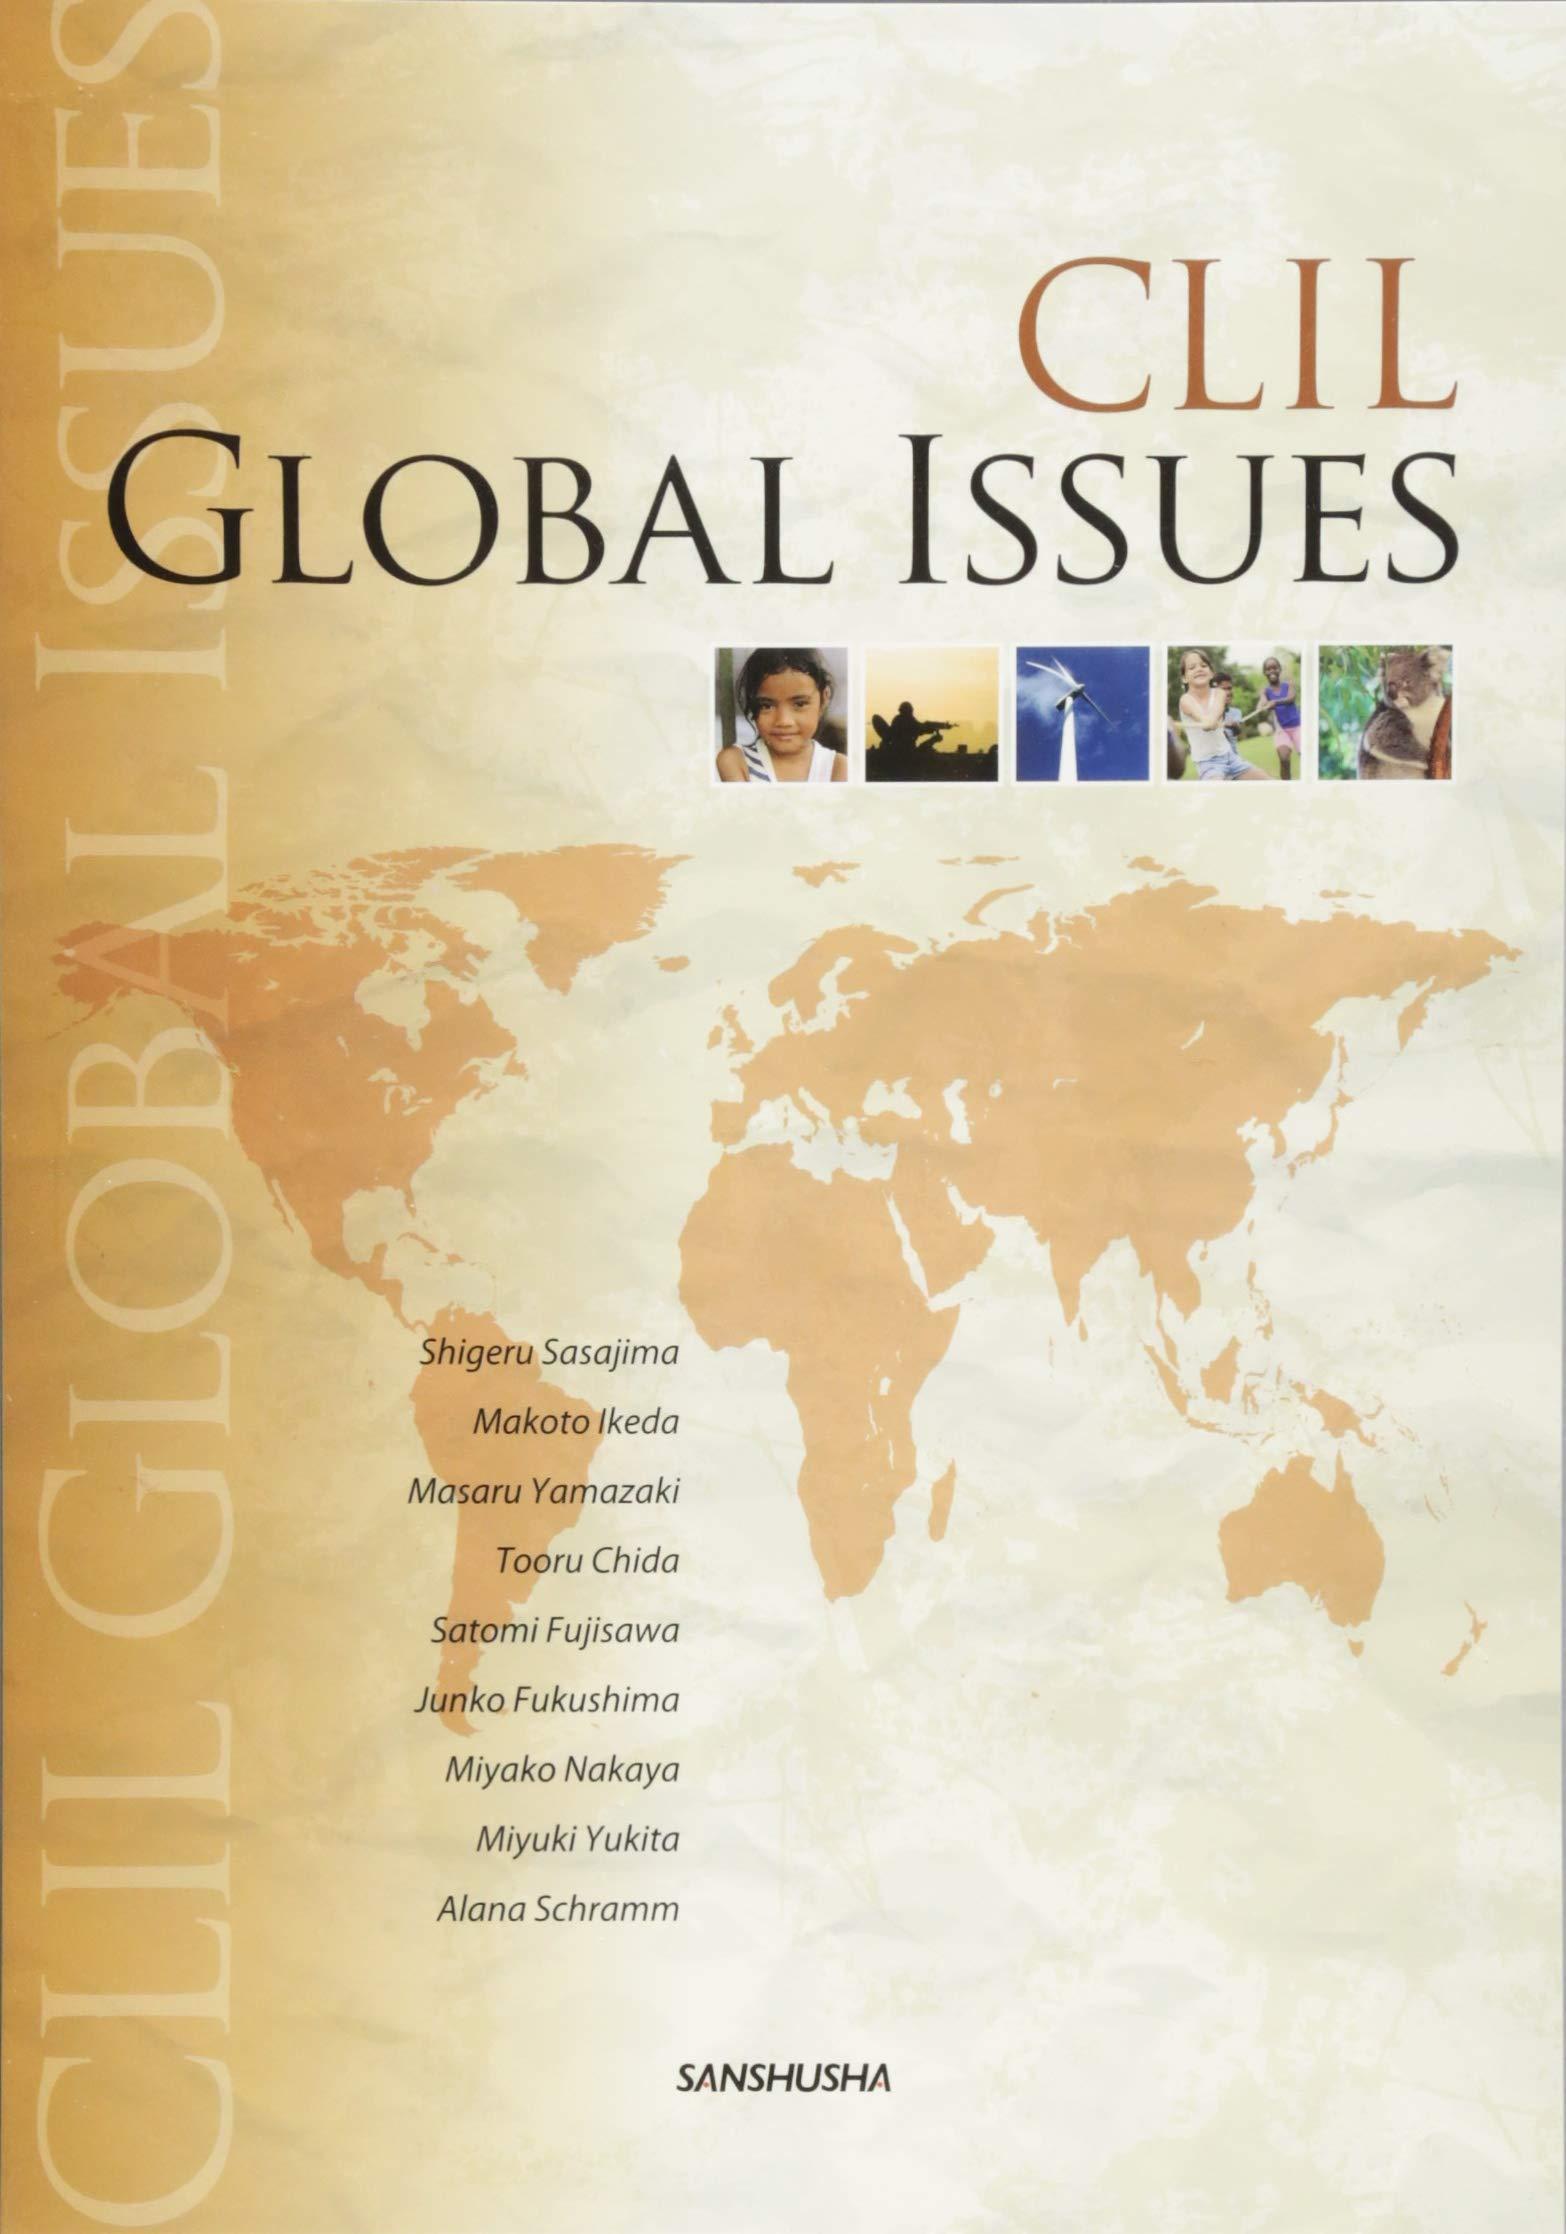 CLIL英語で学ぶ国際問題